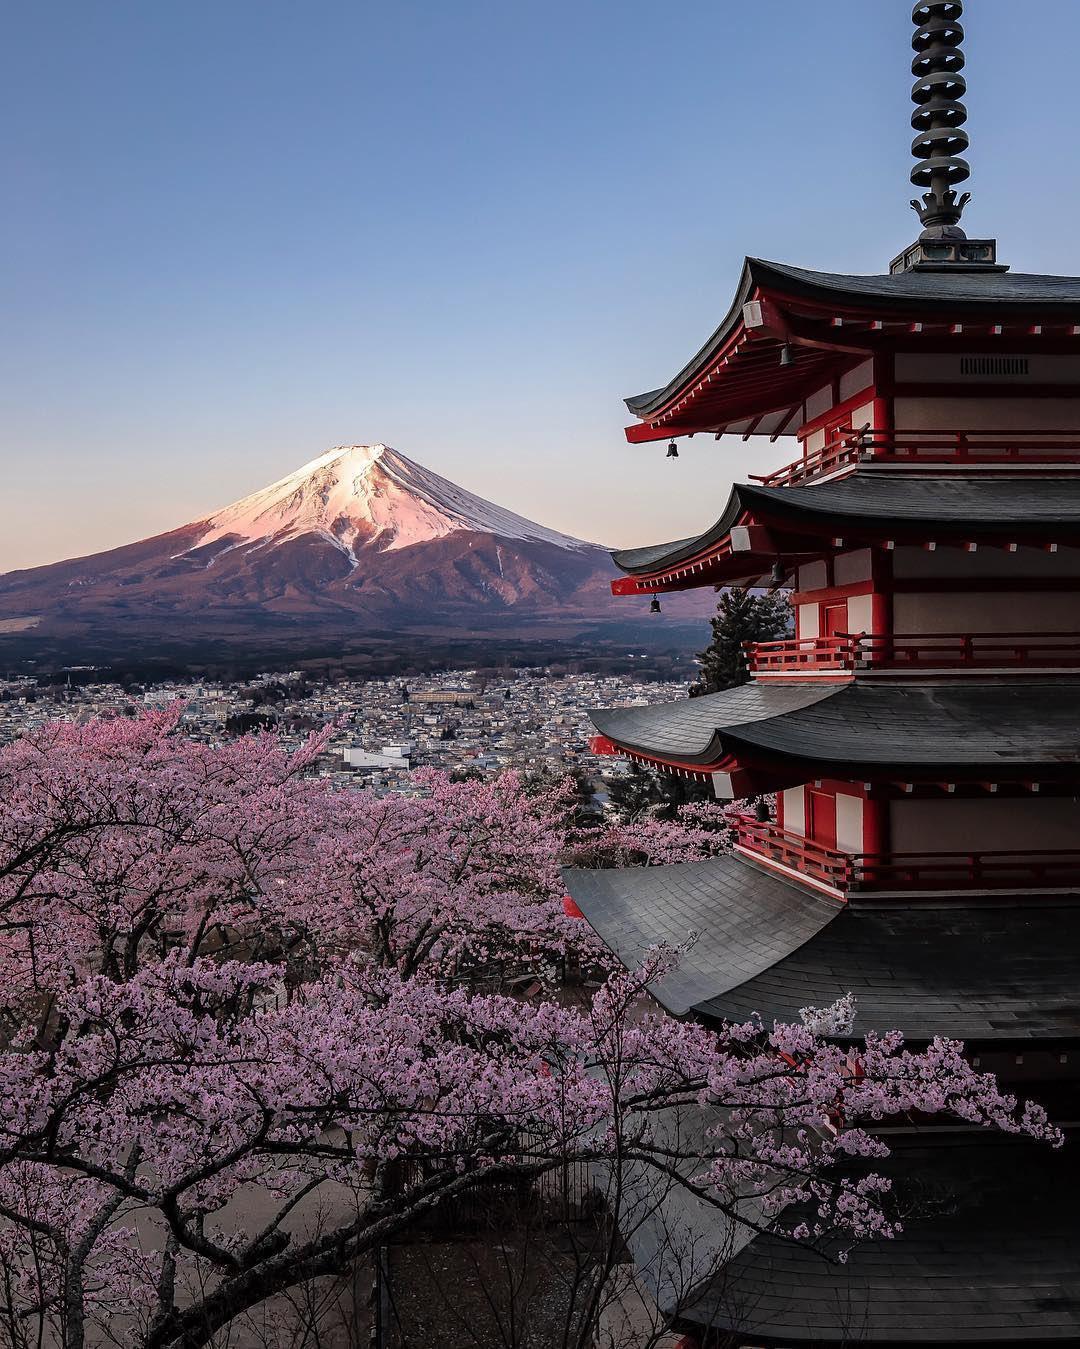 「Mount Fuji, Japan」富士山のこの景色が海外で話題に!